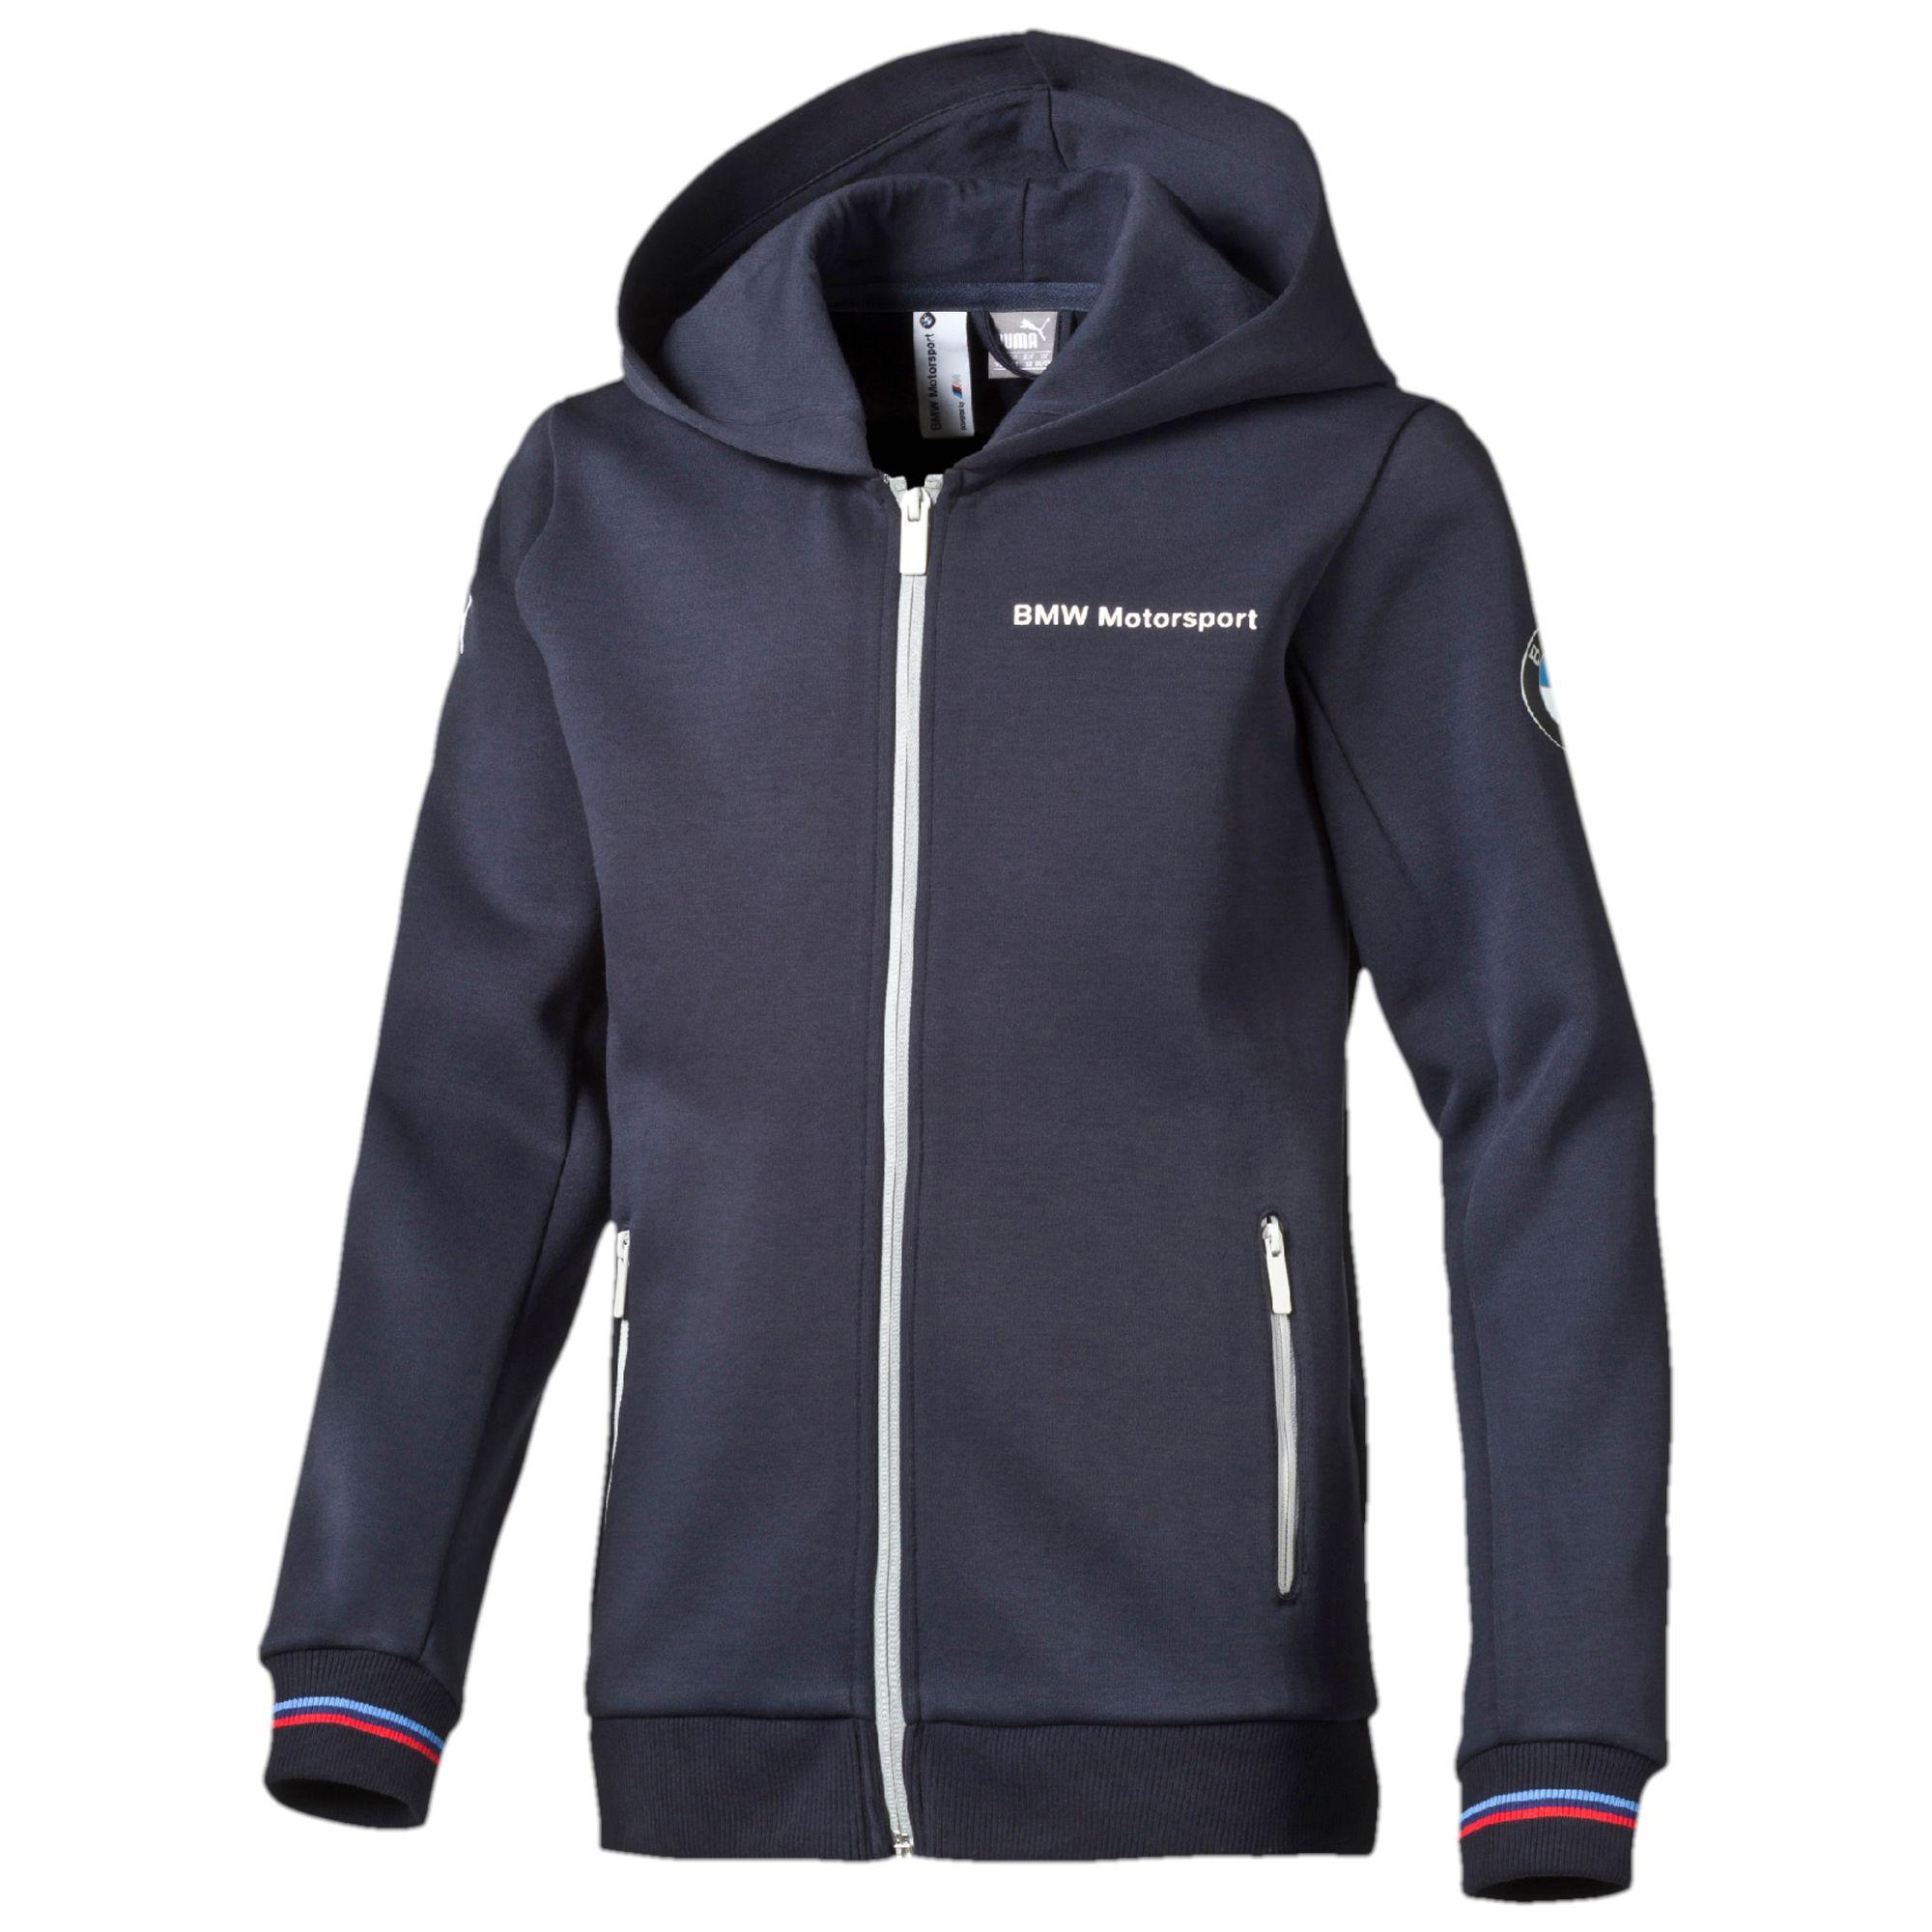 puma bmw motorsport bonded jacket apparel jackets auto men. Black Bedroom Furniture Sets. Home Design Ideas